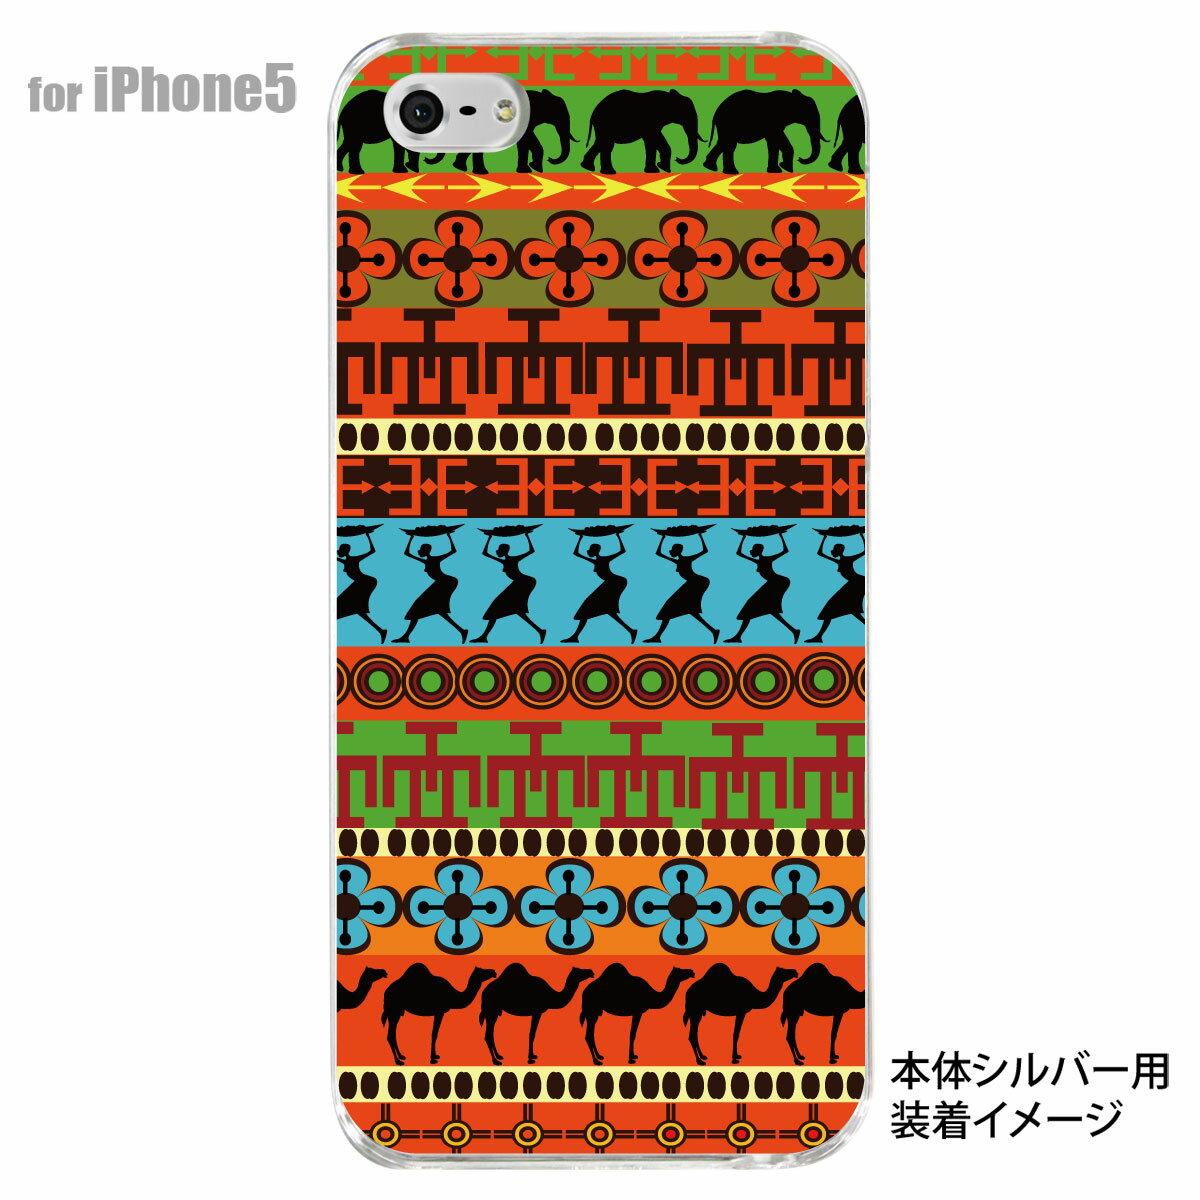 iphone5s ハードケース 着せ替え ケース クリア イラスト iphone クリアケース iPhone5S iPhone5 Clear Fashion iPhone5ケース カバー スマホケース クリアーアーツ アフリカンヒーリング 09-ip5-af0009